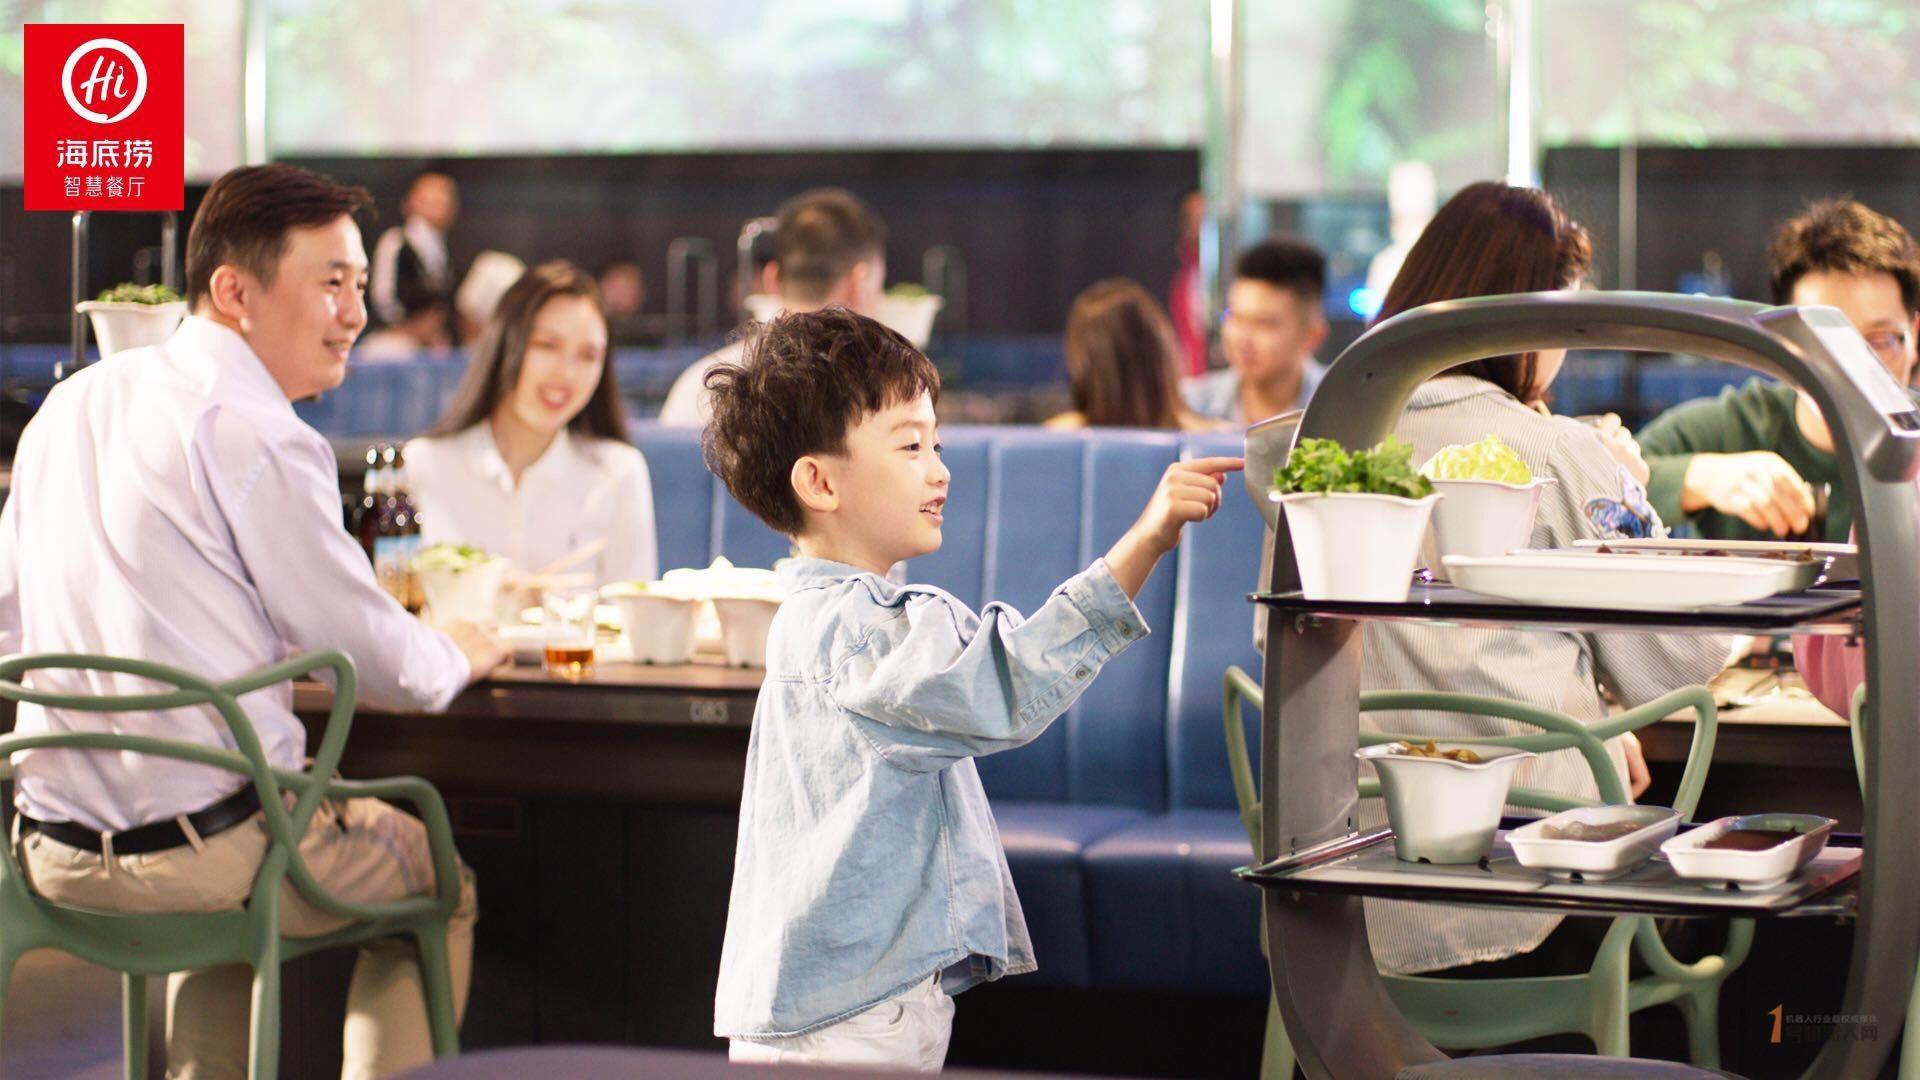 海底捞趣事 送餐机器人是从无到有的存在